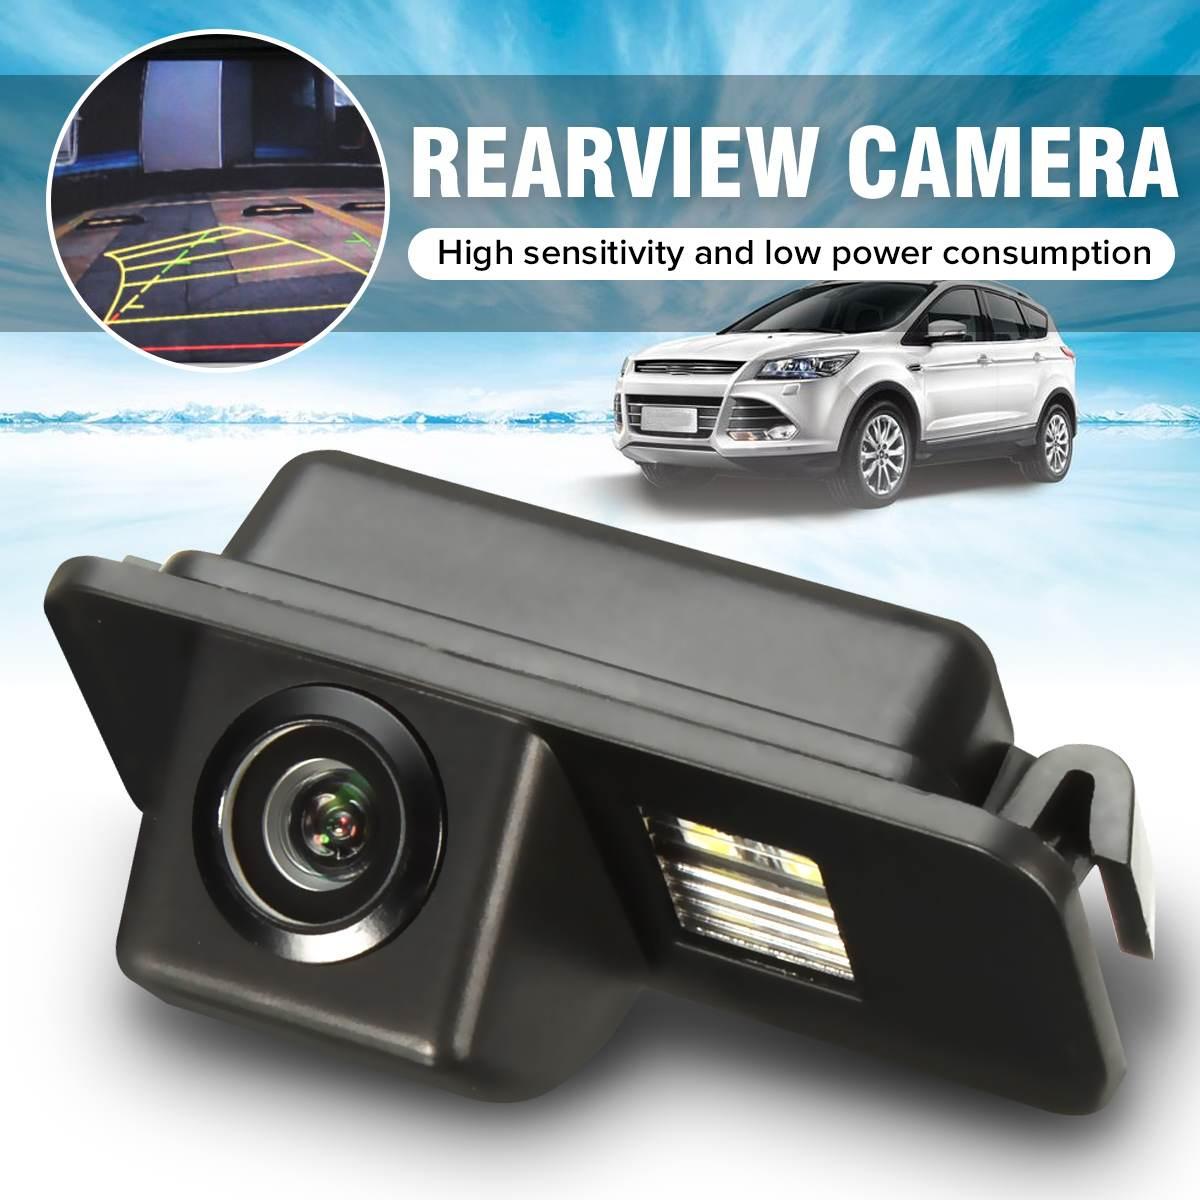 لاسلكي CCD HD سيارة كاميرا الرؤية الخلفية عكس وقوف السيارات للرؤية الليلية مقاوم للماء لفورد مونديو BA7 التركيز C307 S-ماكس فييستا كوغا